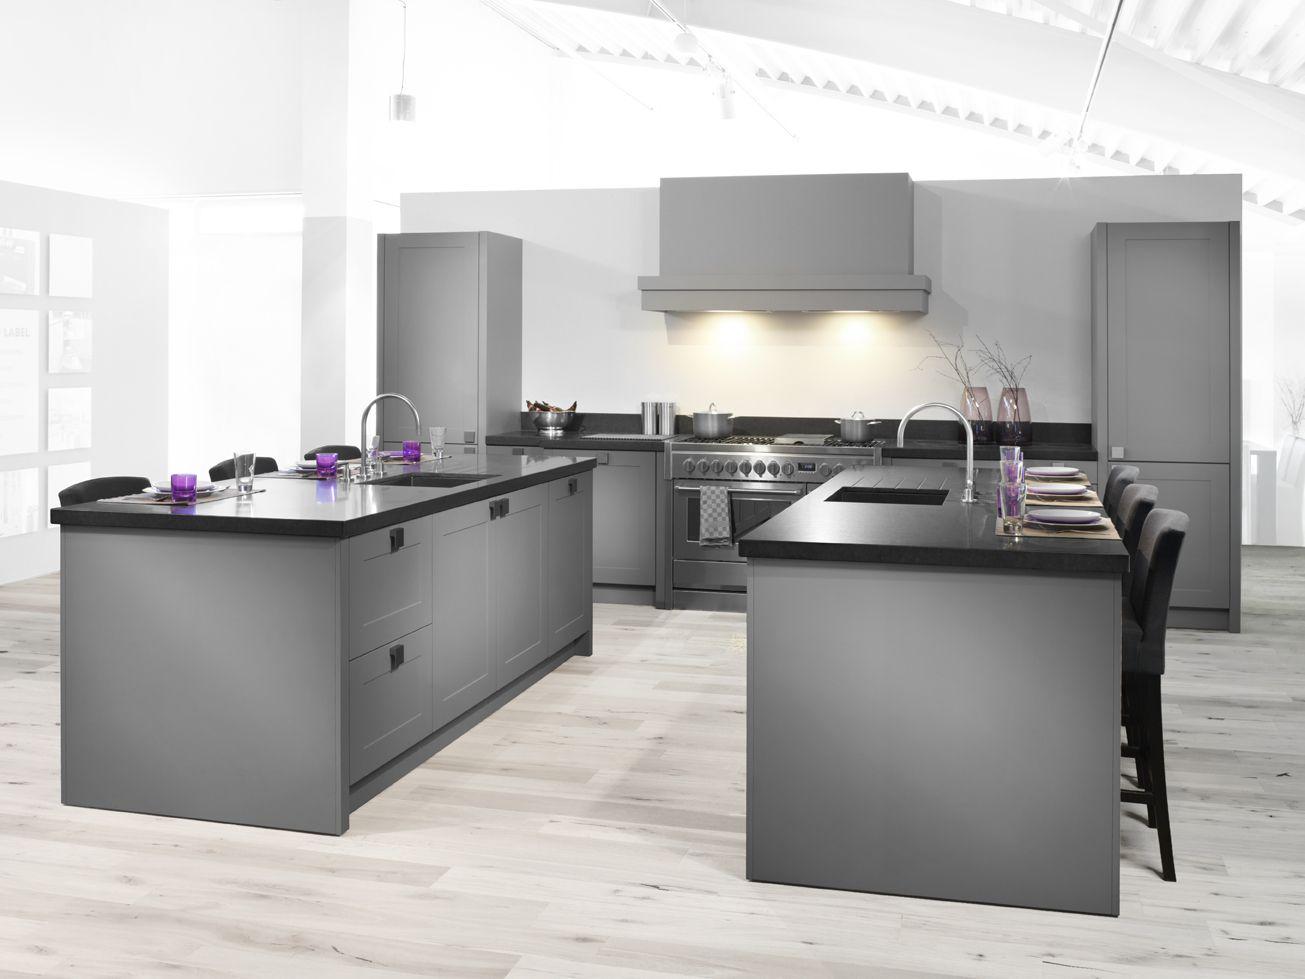 Alle showroomkeuken aanbiedingen uit nederland keukens voor zeer lage - Grote keuken met kookeiland ...